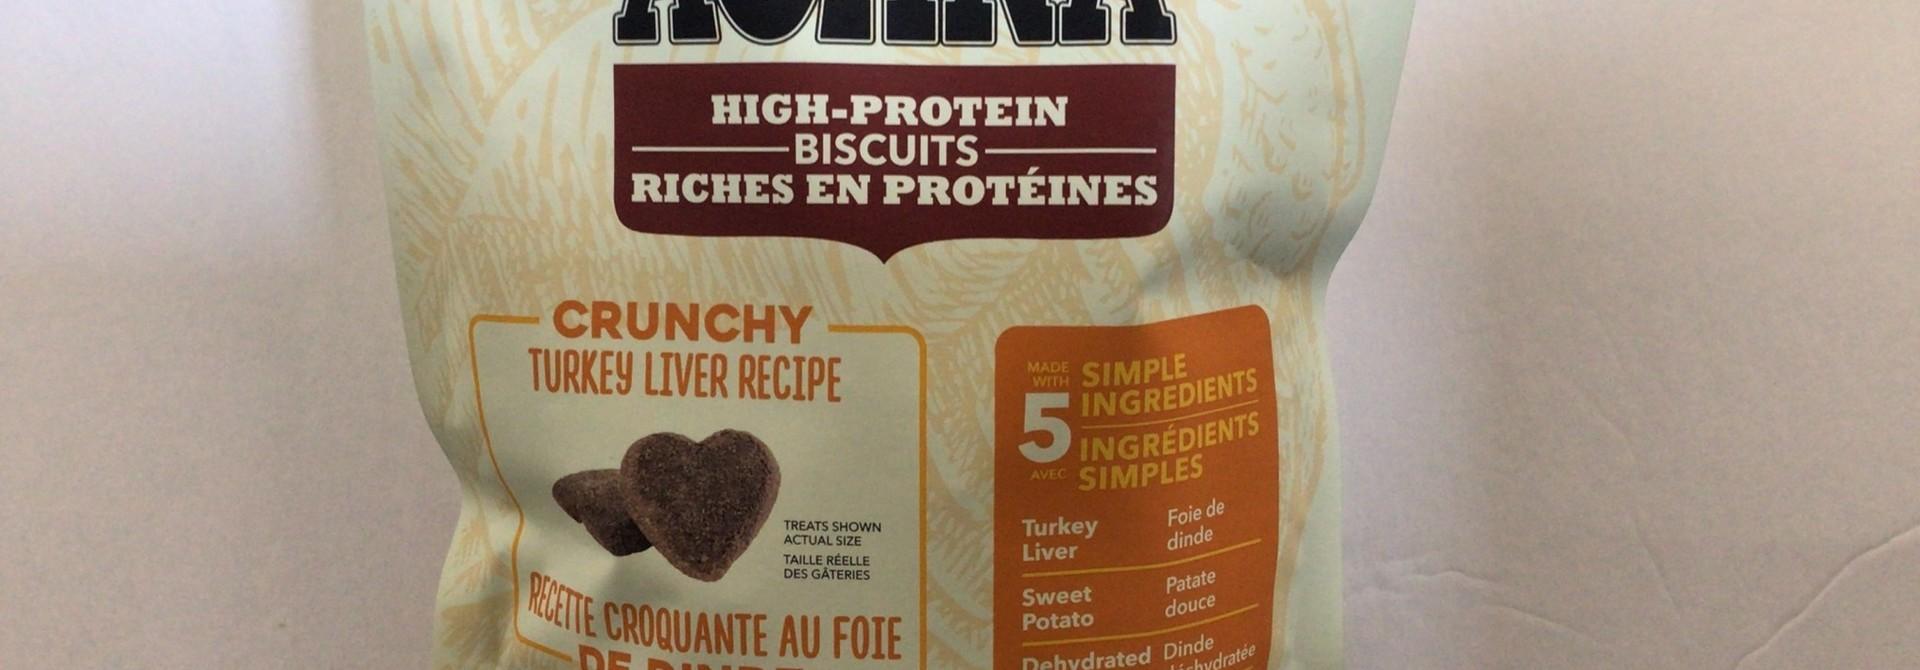 Crunchy Turkey Liver Treat-Small-255gm